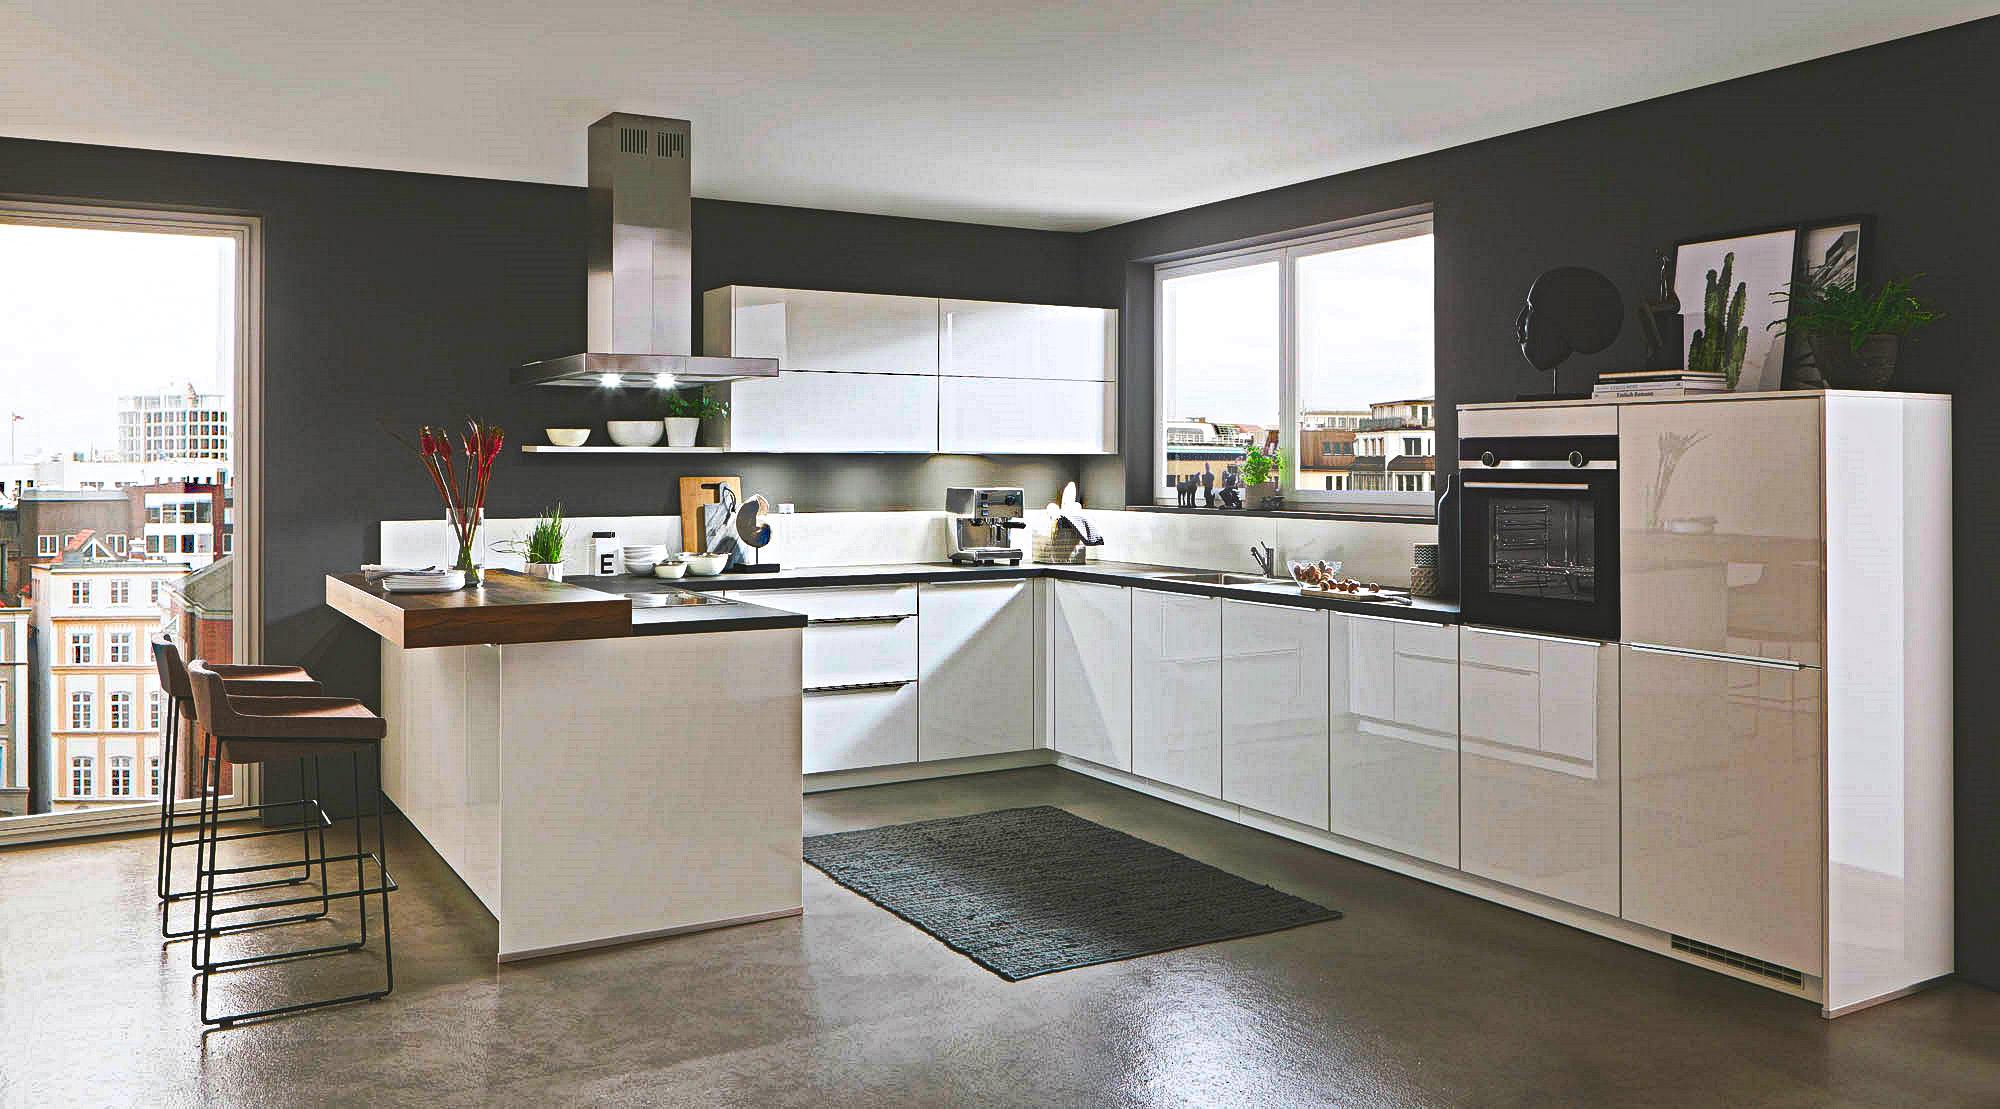 Full Size of Ikea Kche Lack Hochglanz Grifflose Kchen Dassbach Miniküche Küche Kaufen Kosten Betten Bei Edelstahlküche Gebraucht Modulküche Sofa Mit Schlaffunktion Wohnzimmer Ikea Edelstahlküche